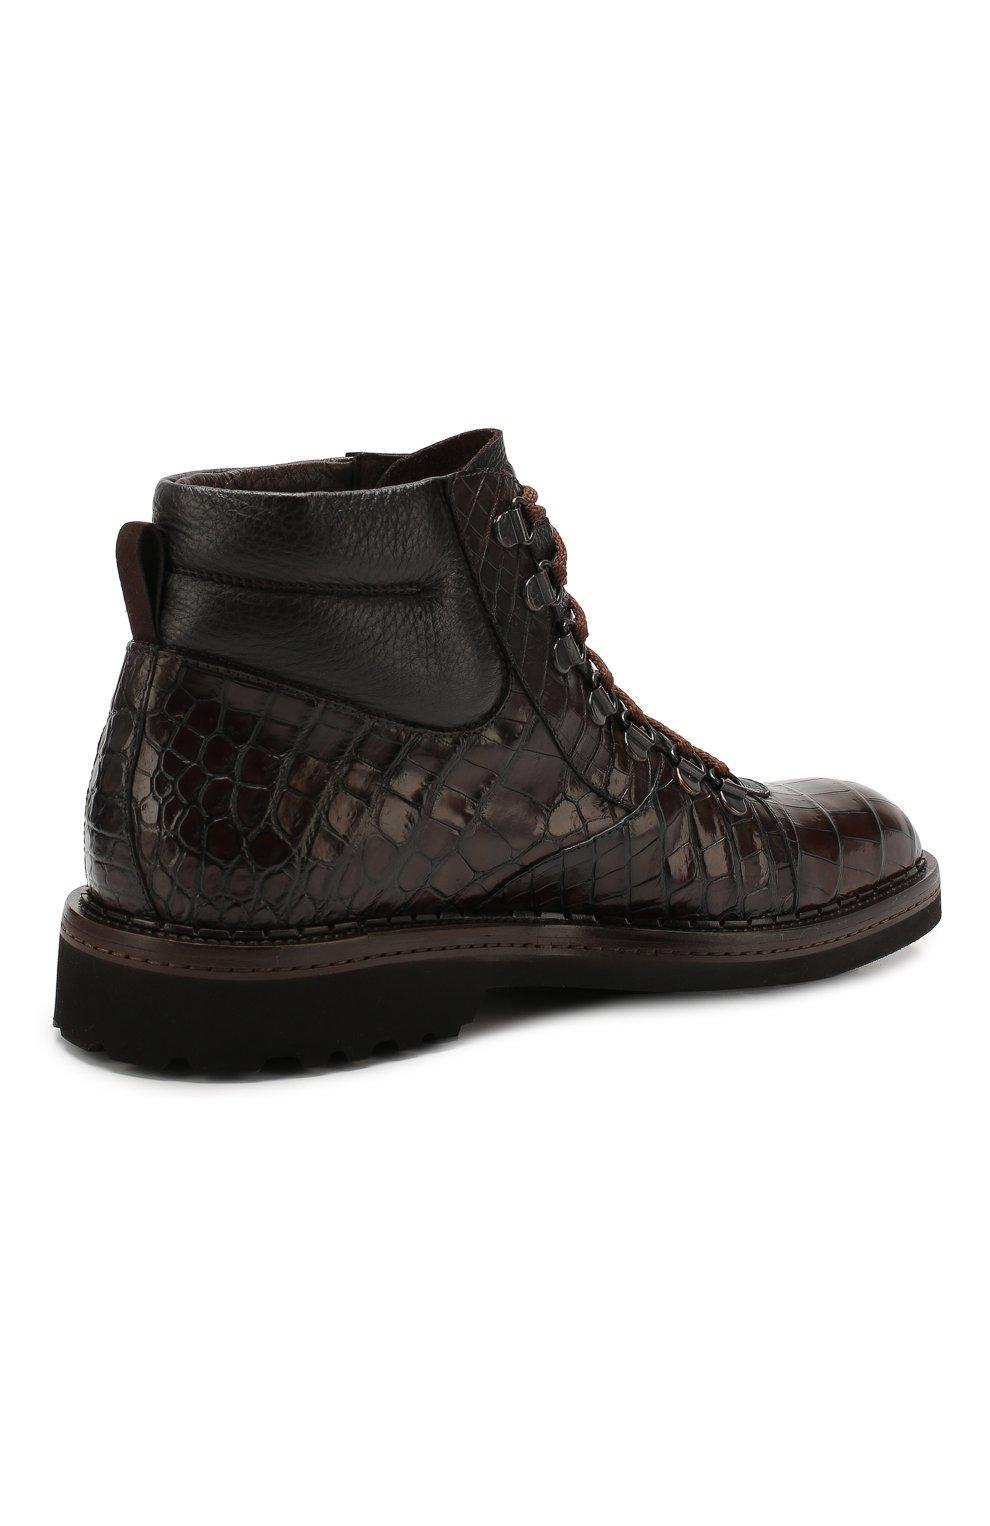 Мужские ботинки из кожи крокодила BARRETT темно-коричневого цвета, арт. 192U007.1/C0CC0DRILL0 CREAM/CNIL   Фото 4